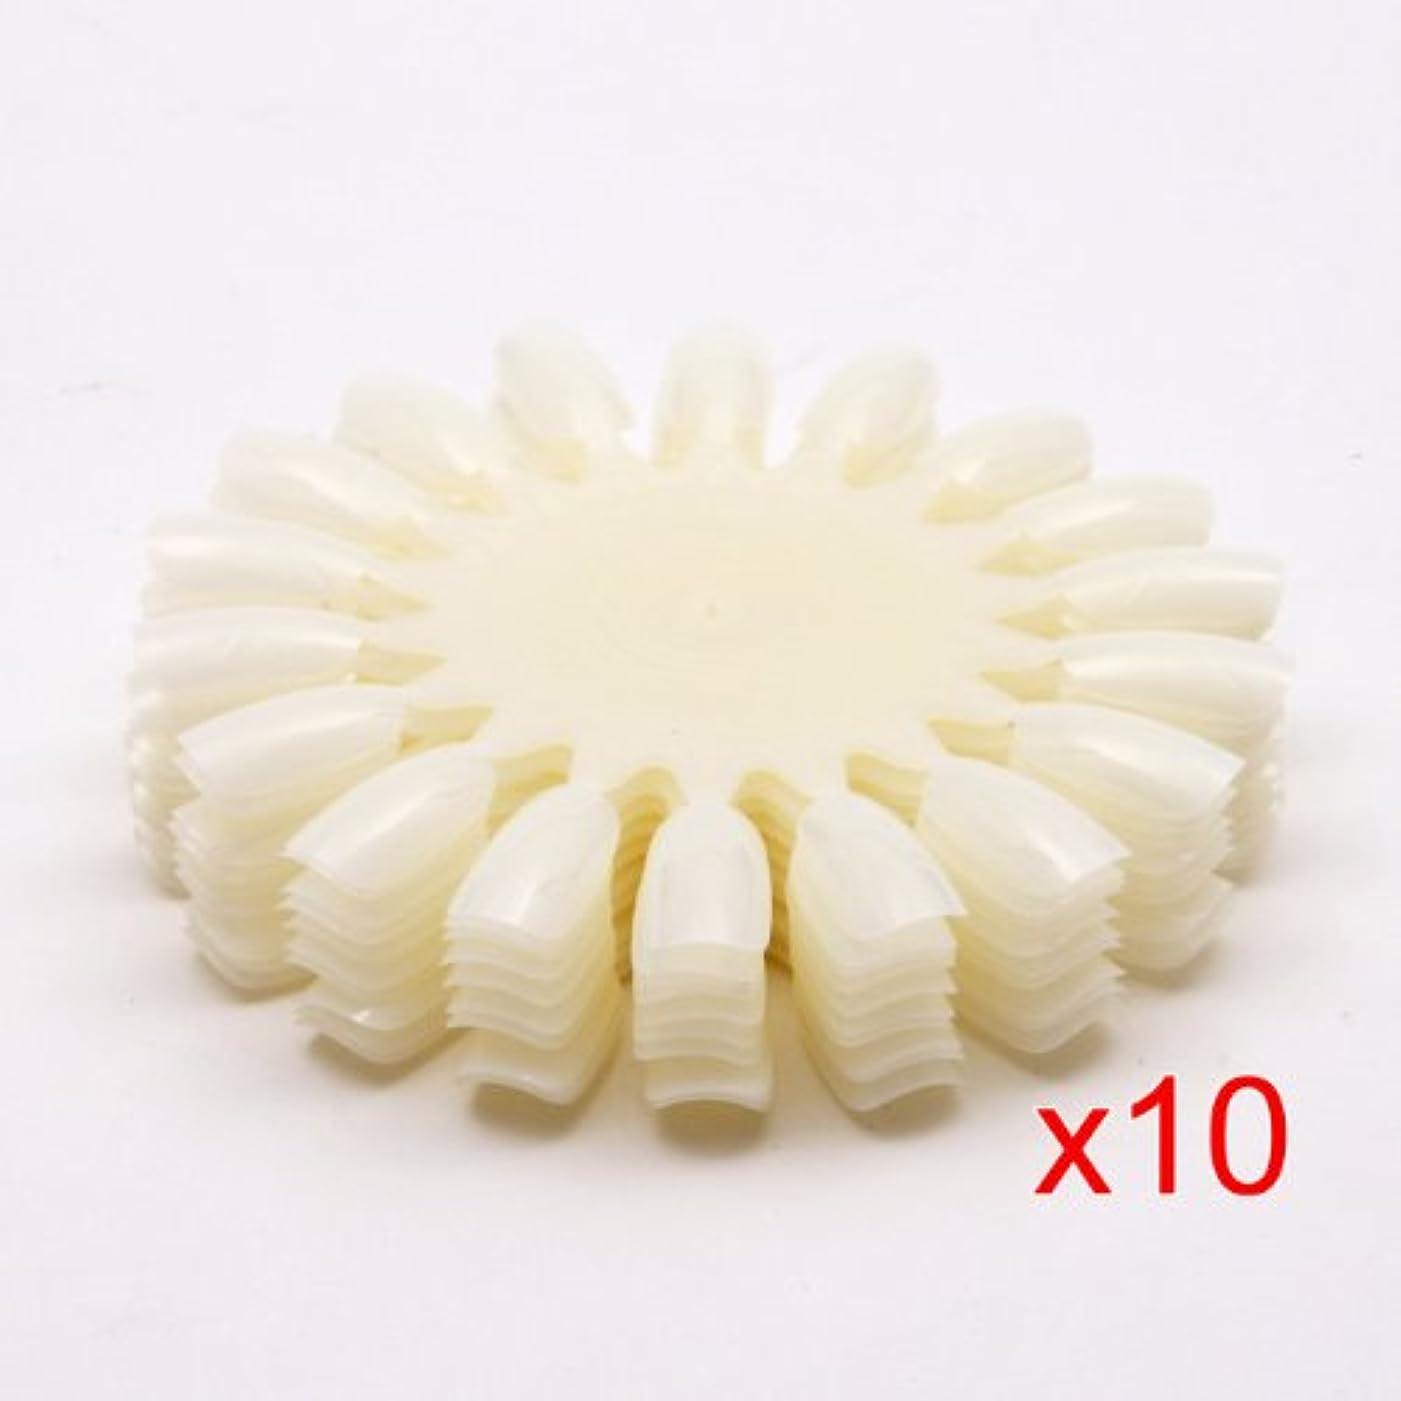 配管工クスクス砂Gaoominy 10 xナチュラルな白いのネイルアートホイール